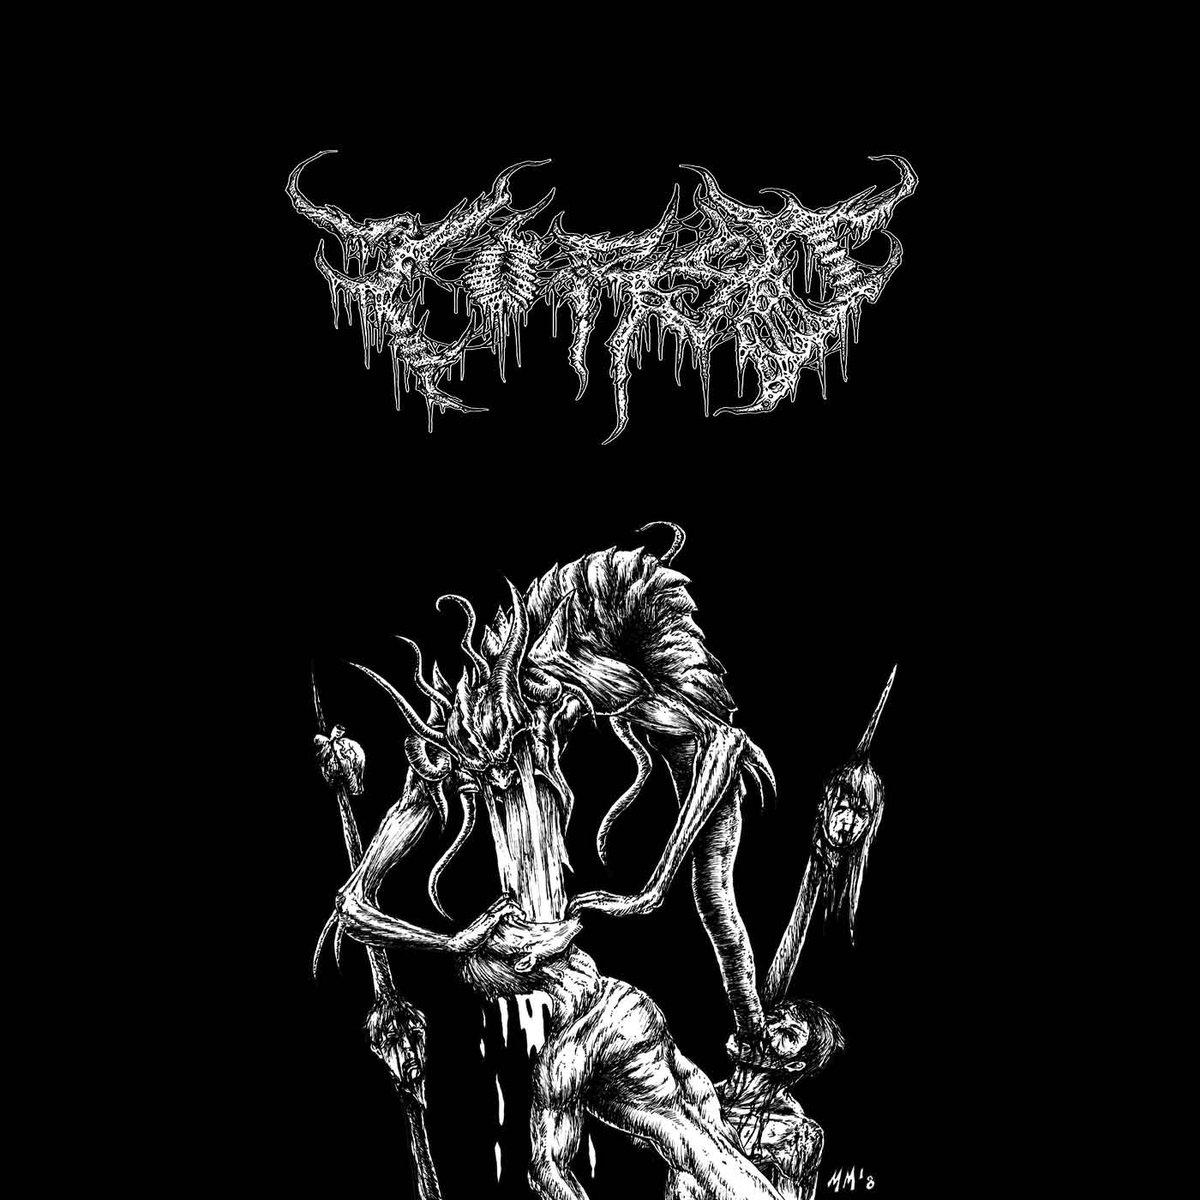 ambient black metal last fm